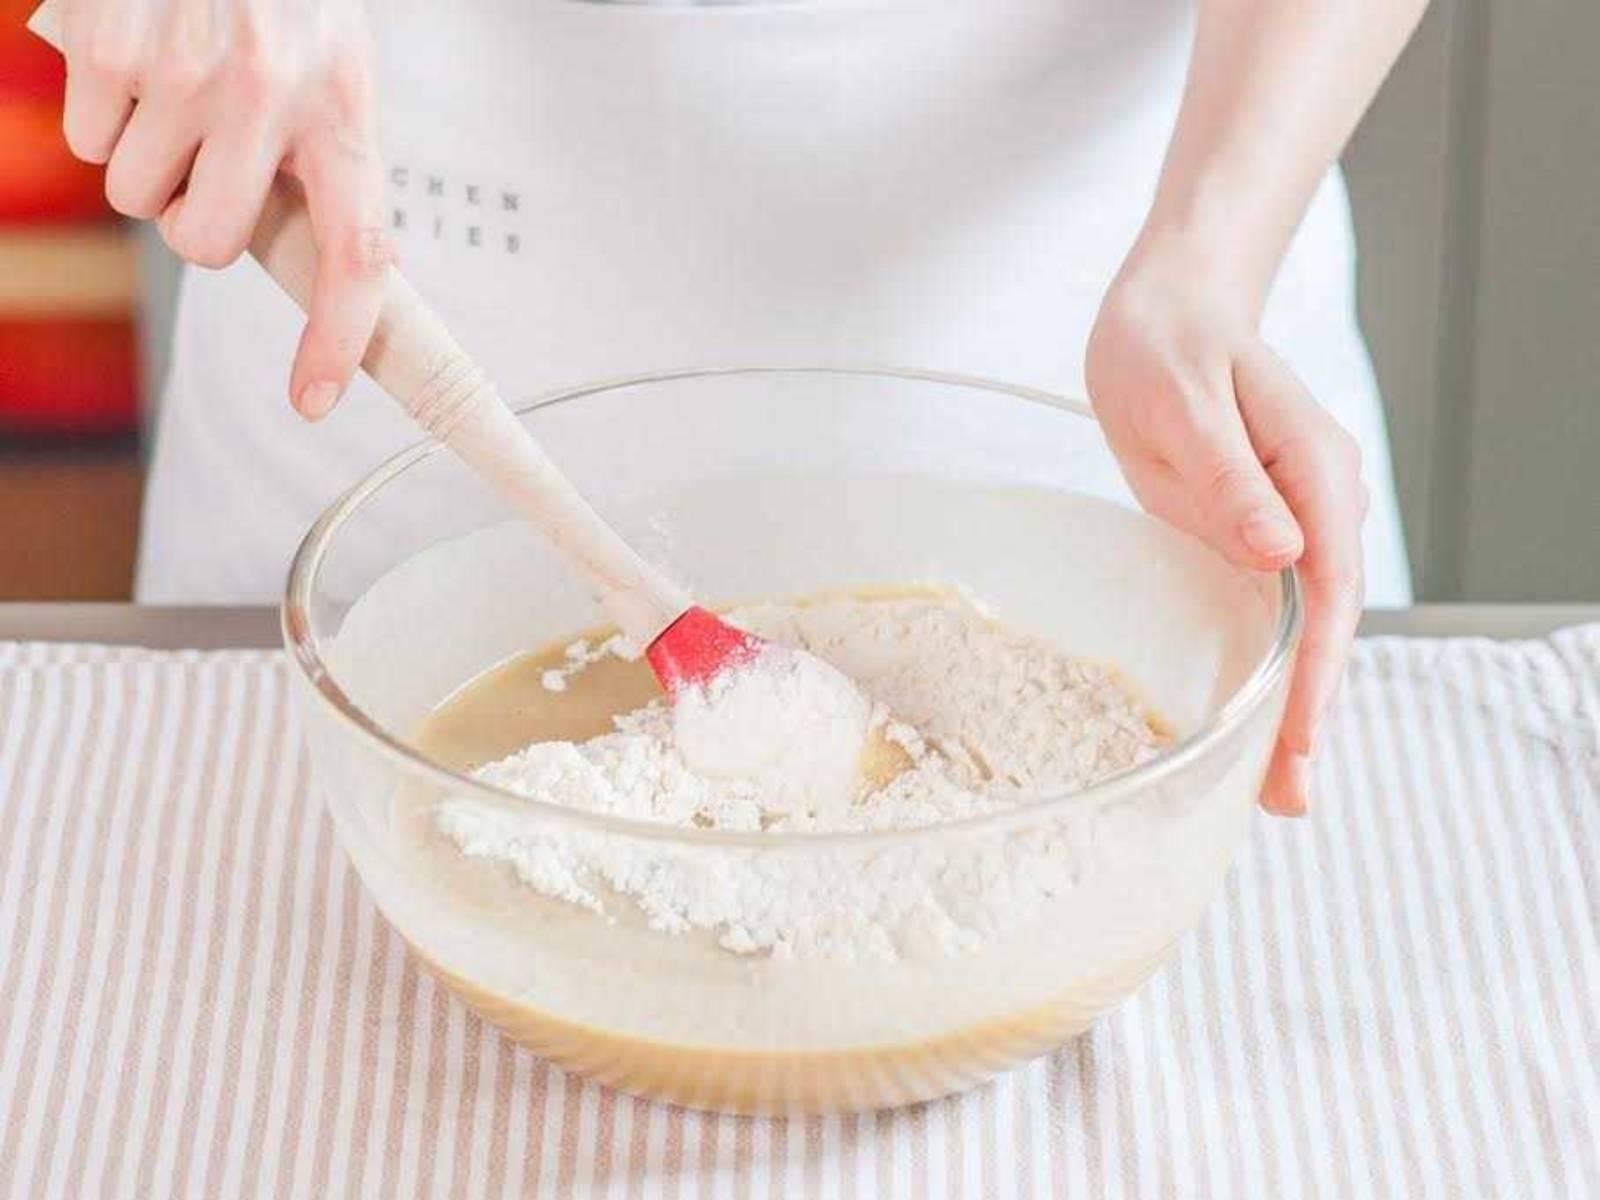 In einer separaten Schüssel Mehl, Backpulver und das restliche Salz miteinander vermengen. Eine Hälfte der Mehlmischung zur Ei-Zucker-Mischung geben. Joghurt unterrühren und anschließend die restliche Mehlmischung hinzugeben und vermengen.